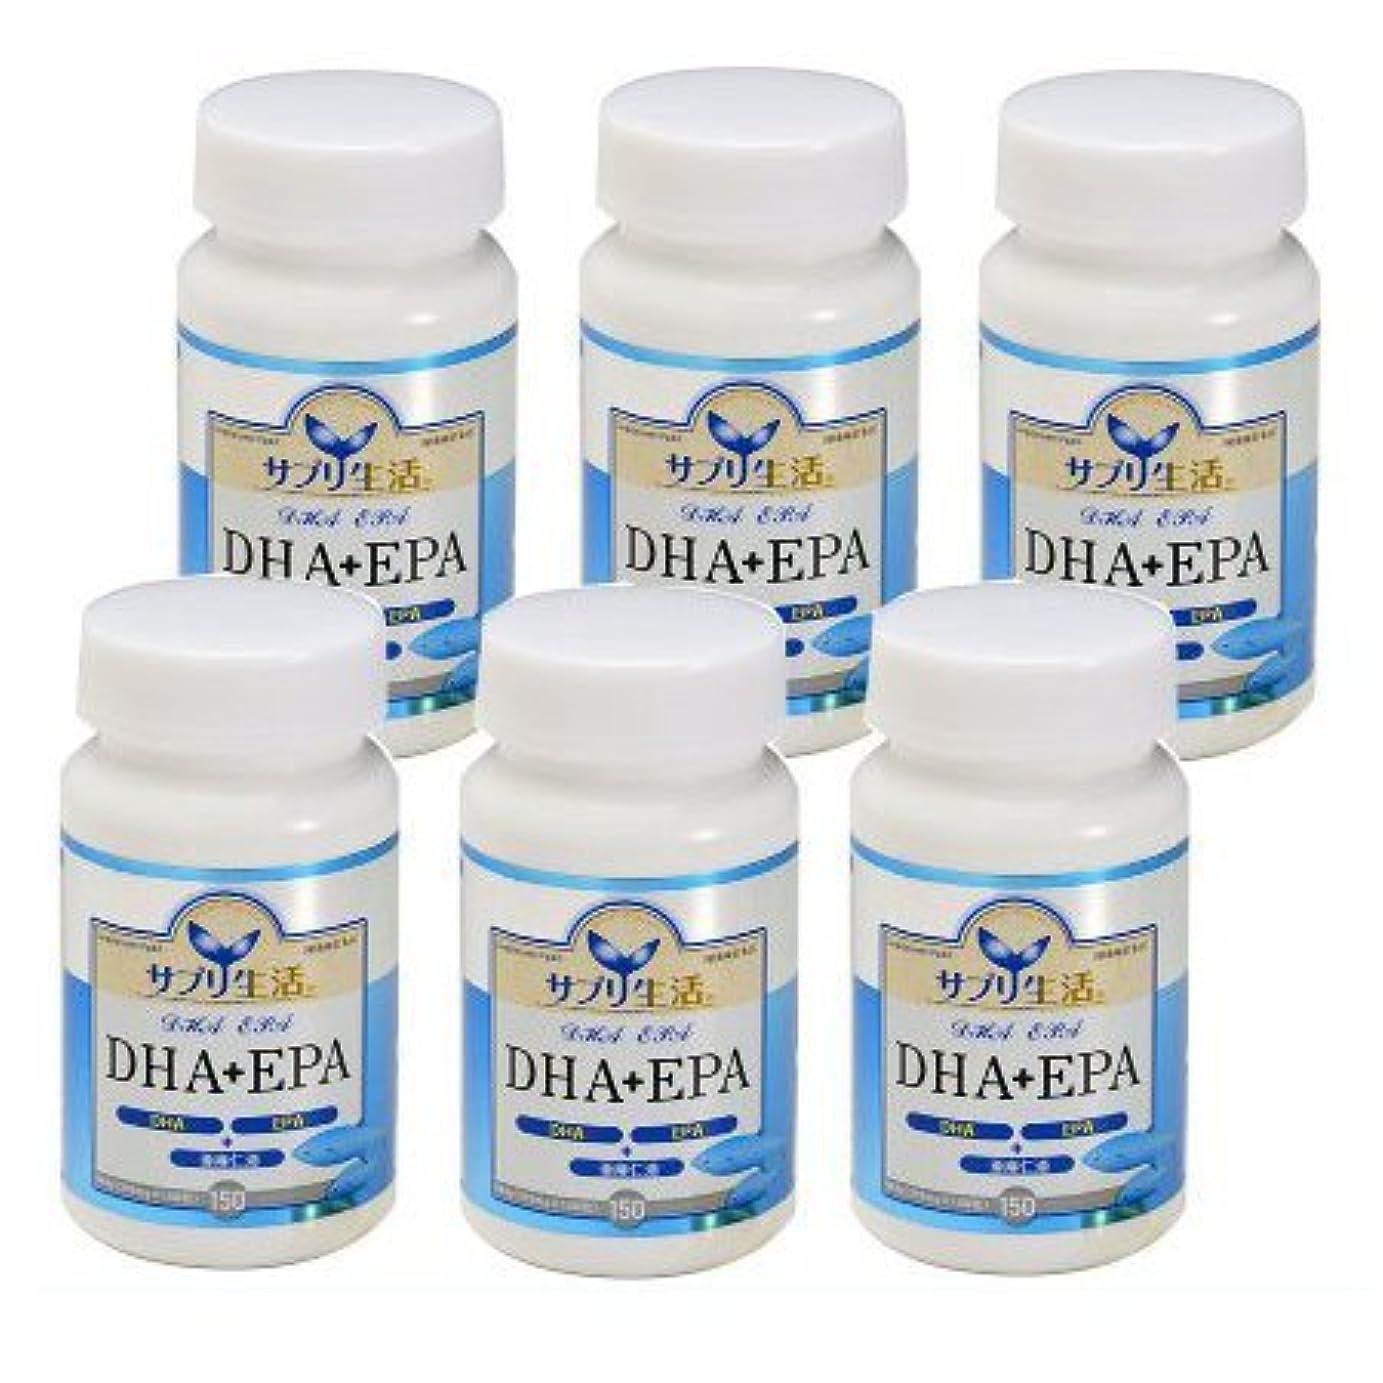 合成食事を調理する規則性サプリ生活 DHA+EPA 150粒 6個セット